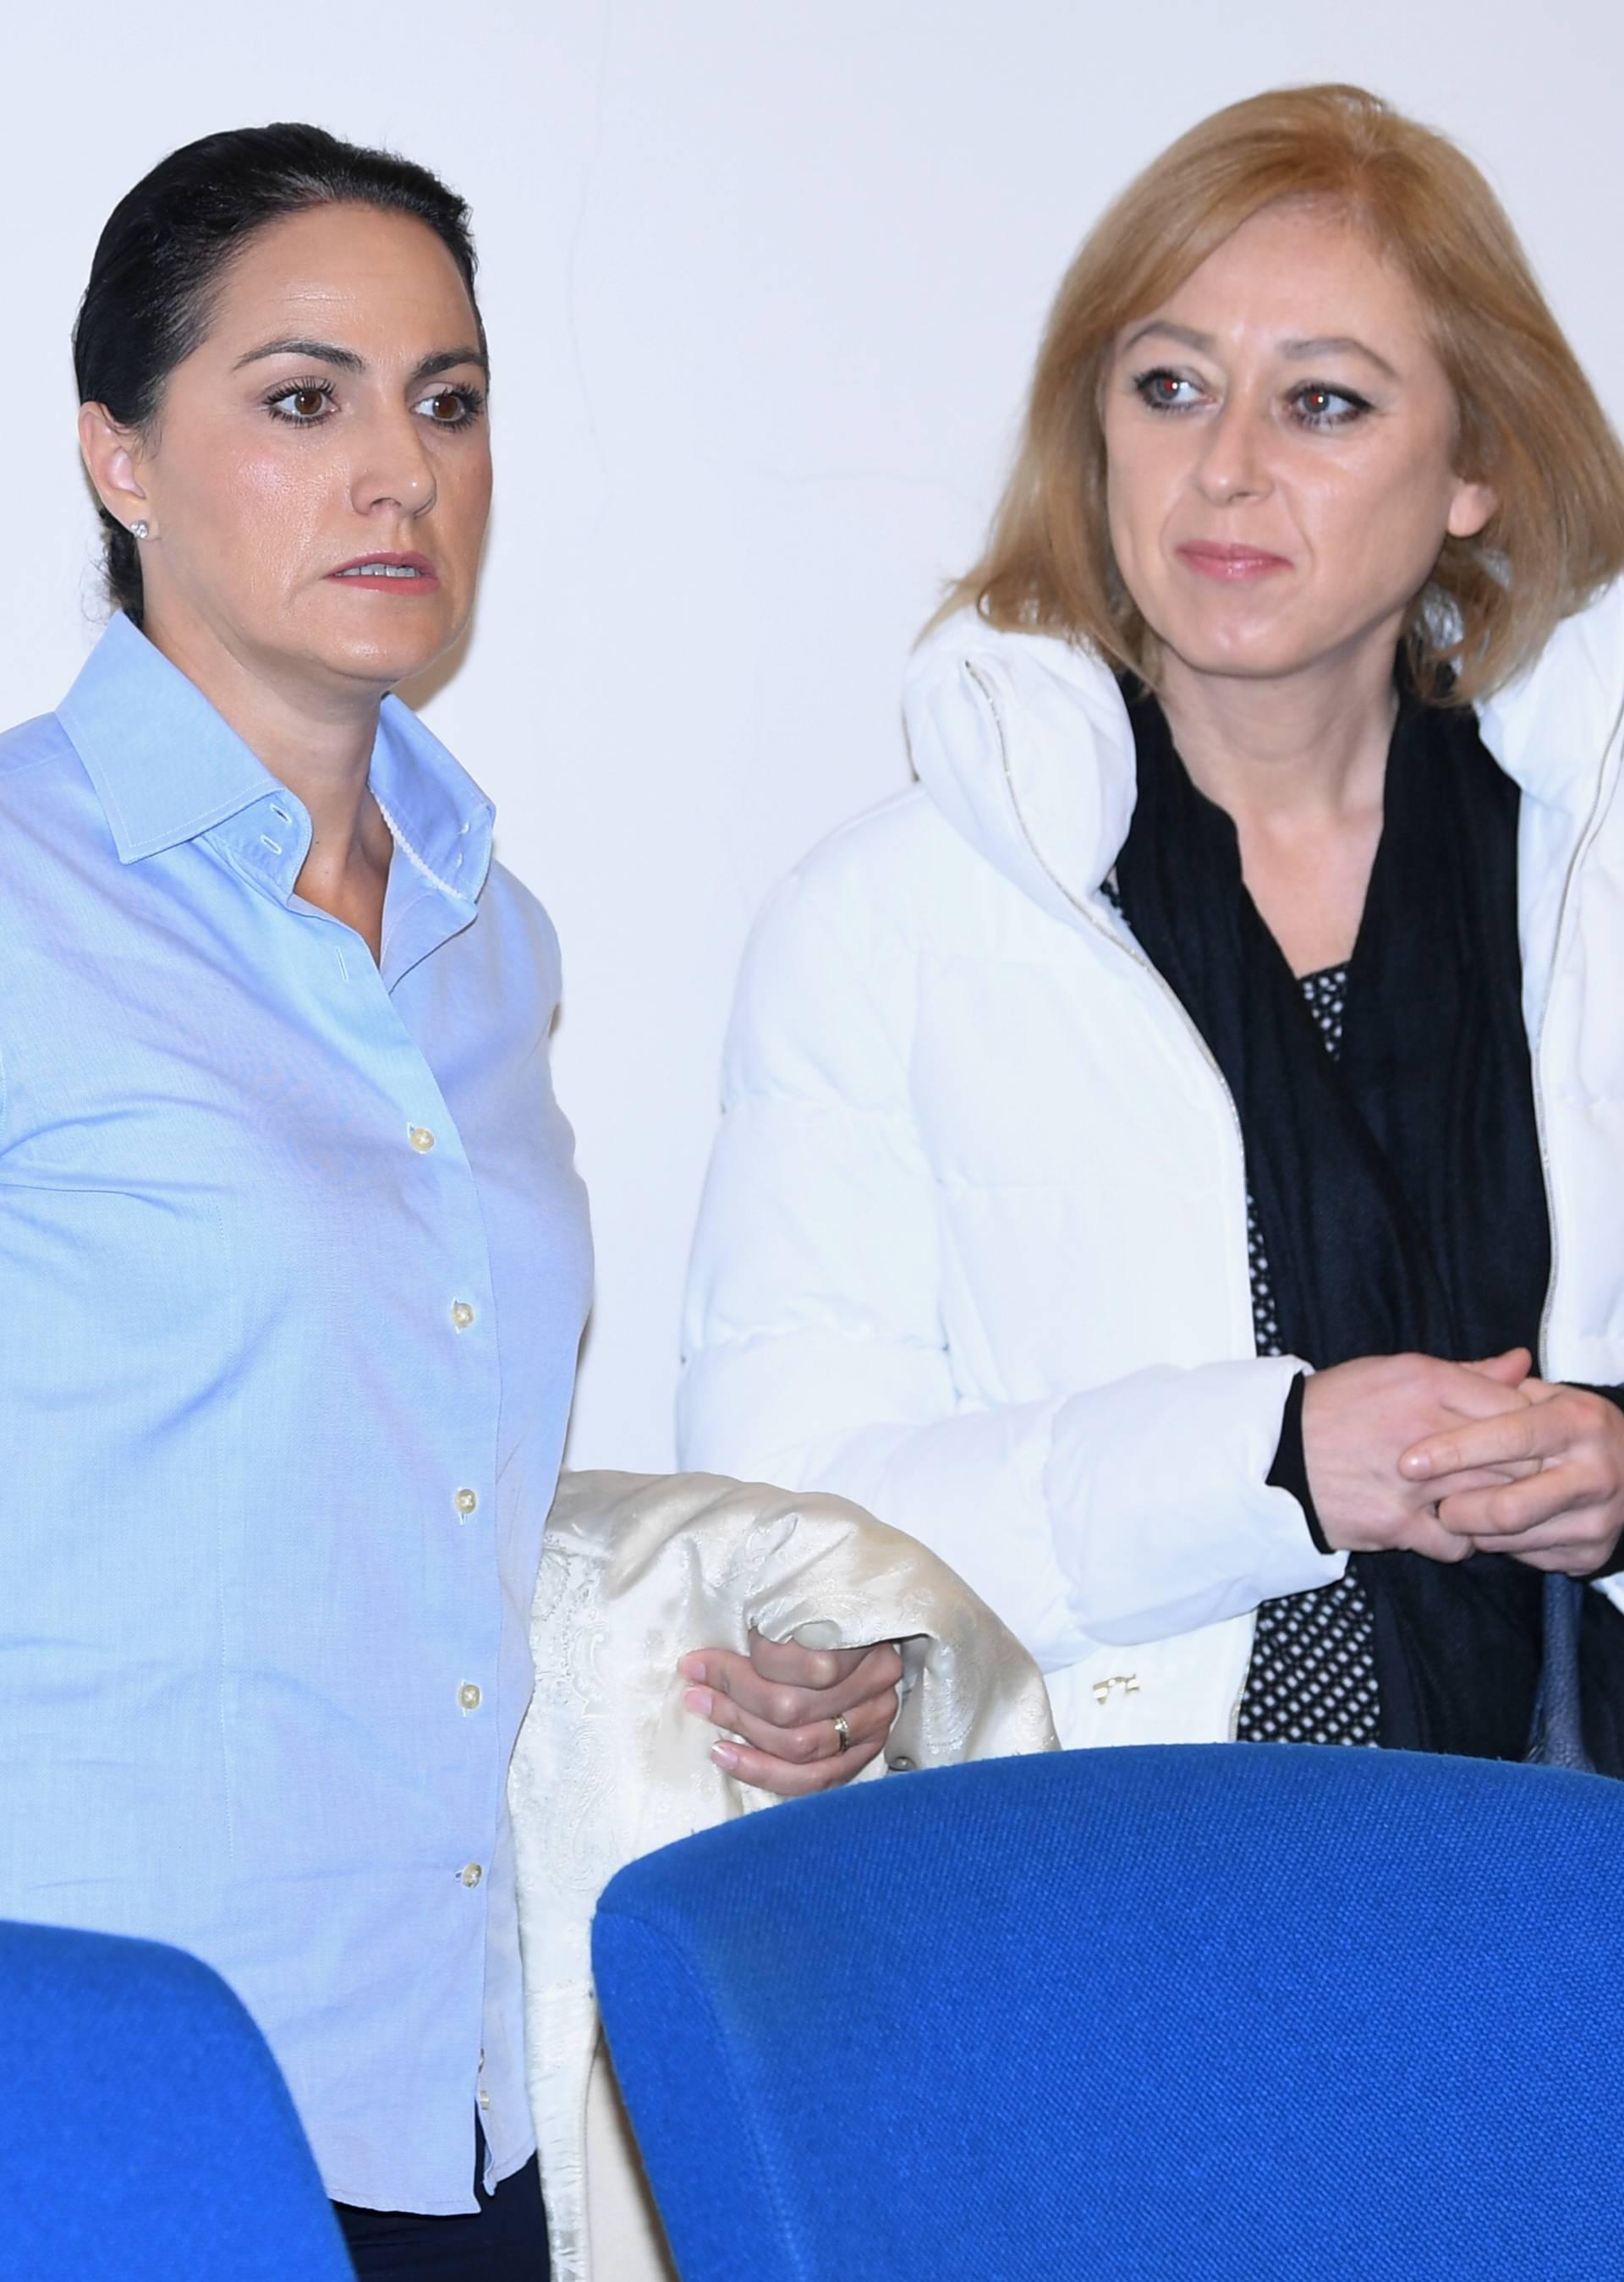 Matković tvrdi: HDZ nije platio Thompsonu; Barišić: Ona laže!